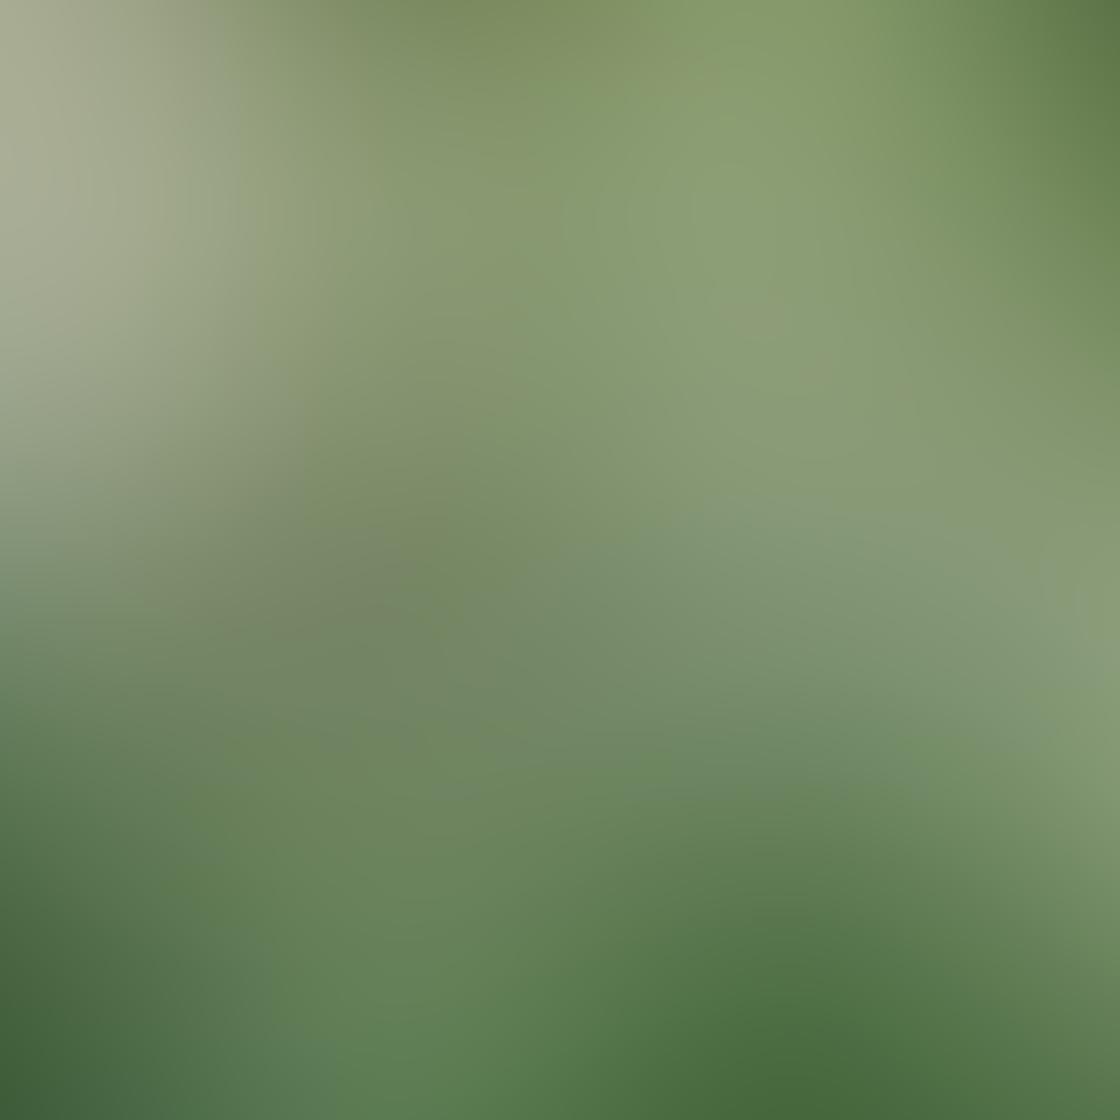 Green iPhone Photos 25